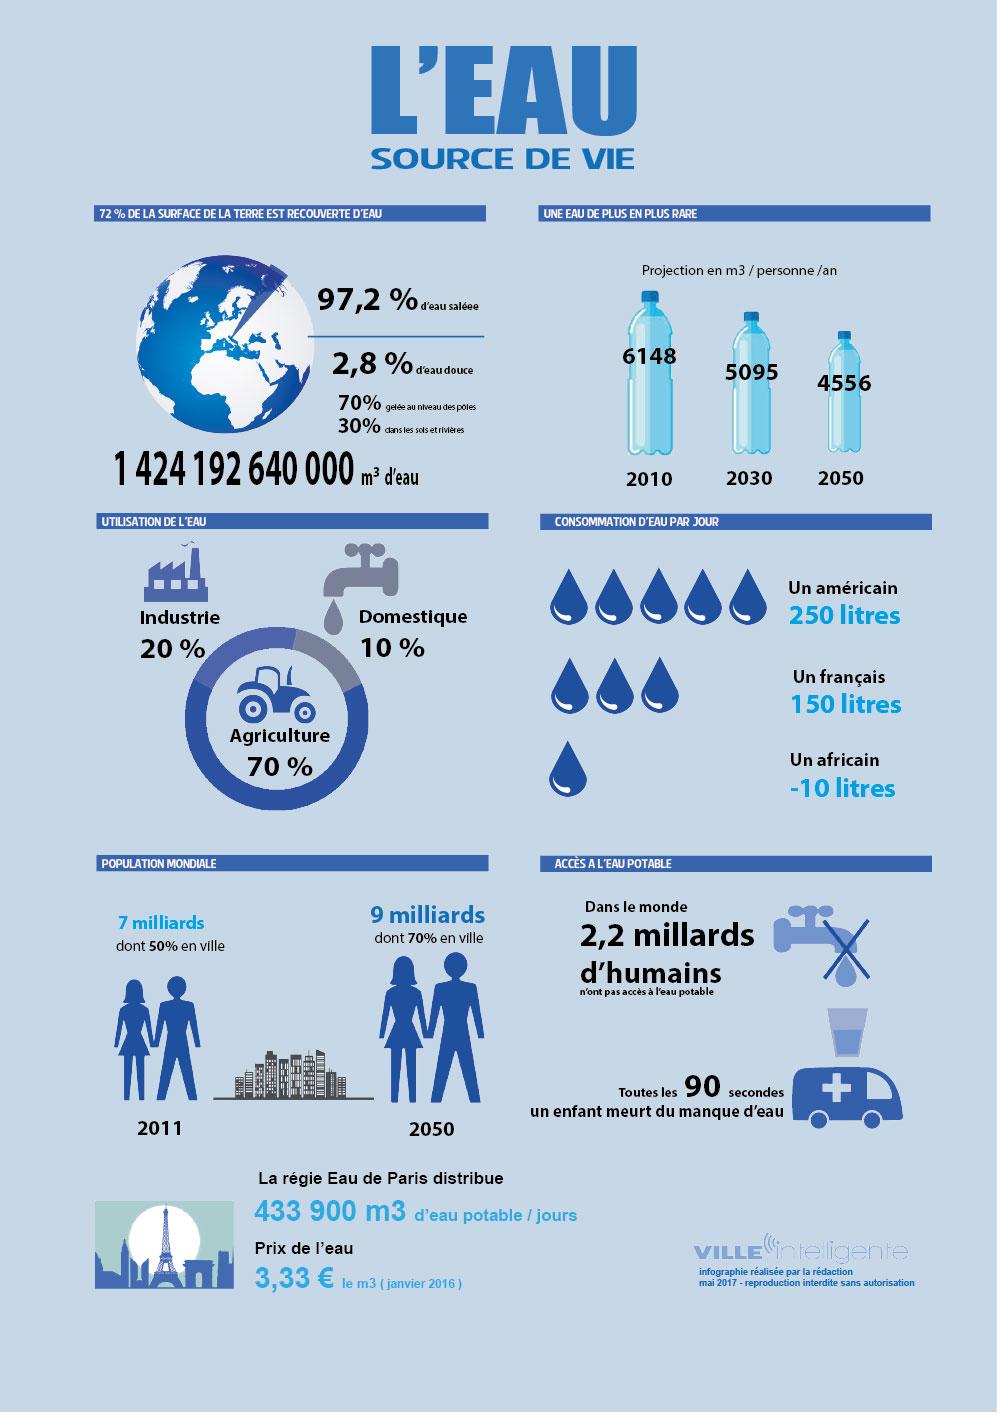 [Infographie] L'eau, source de vie